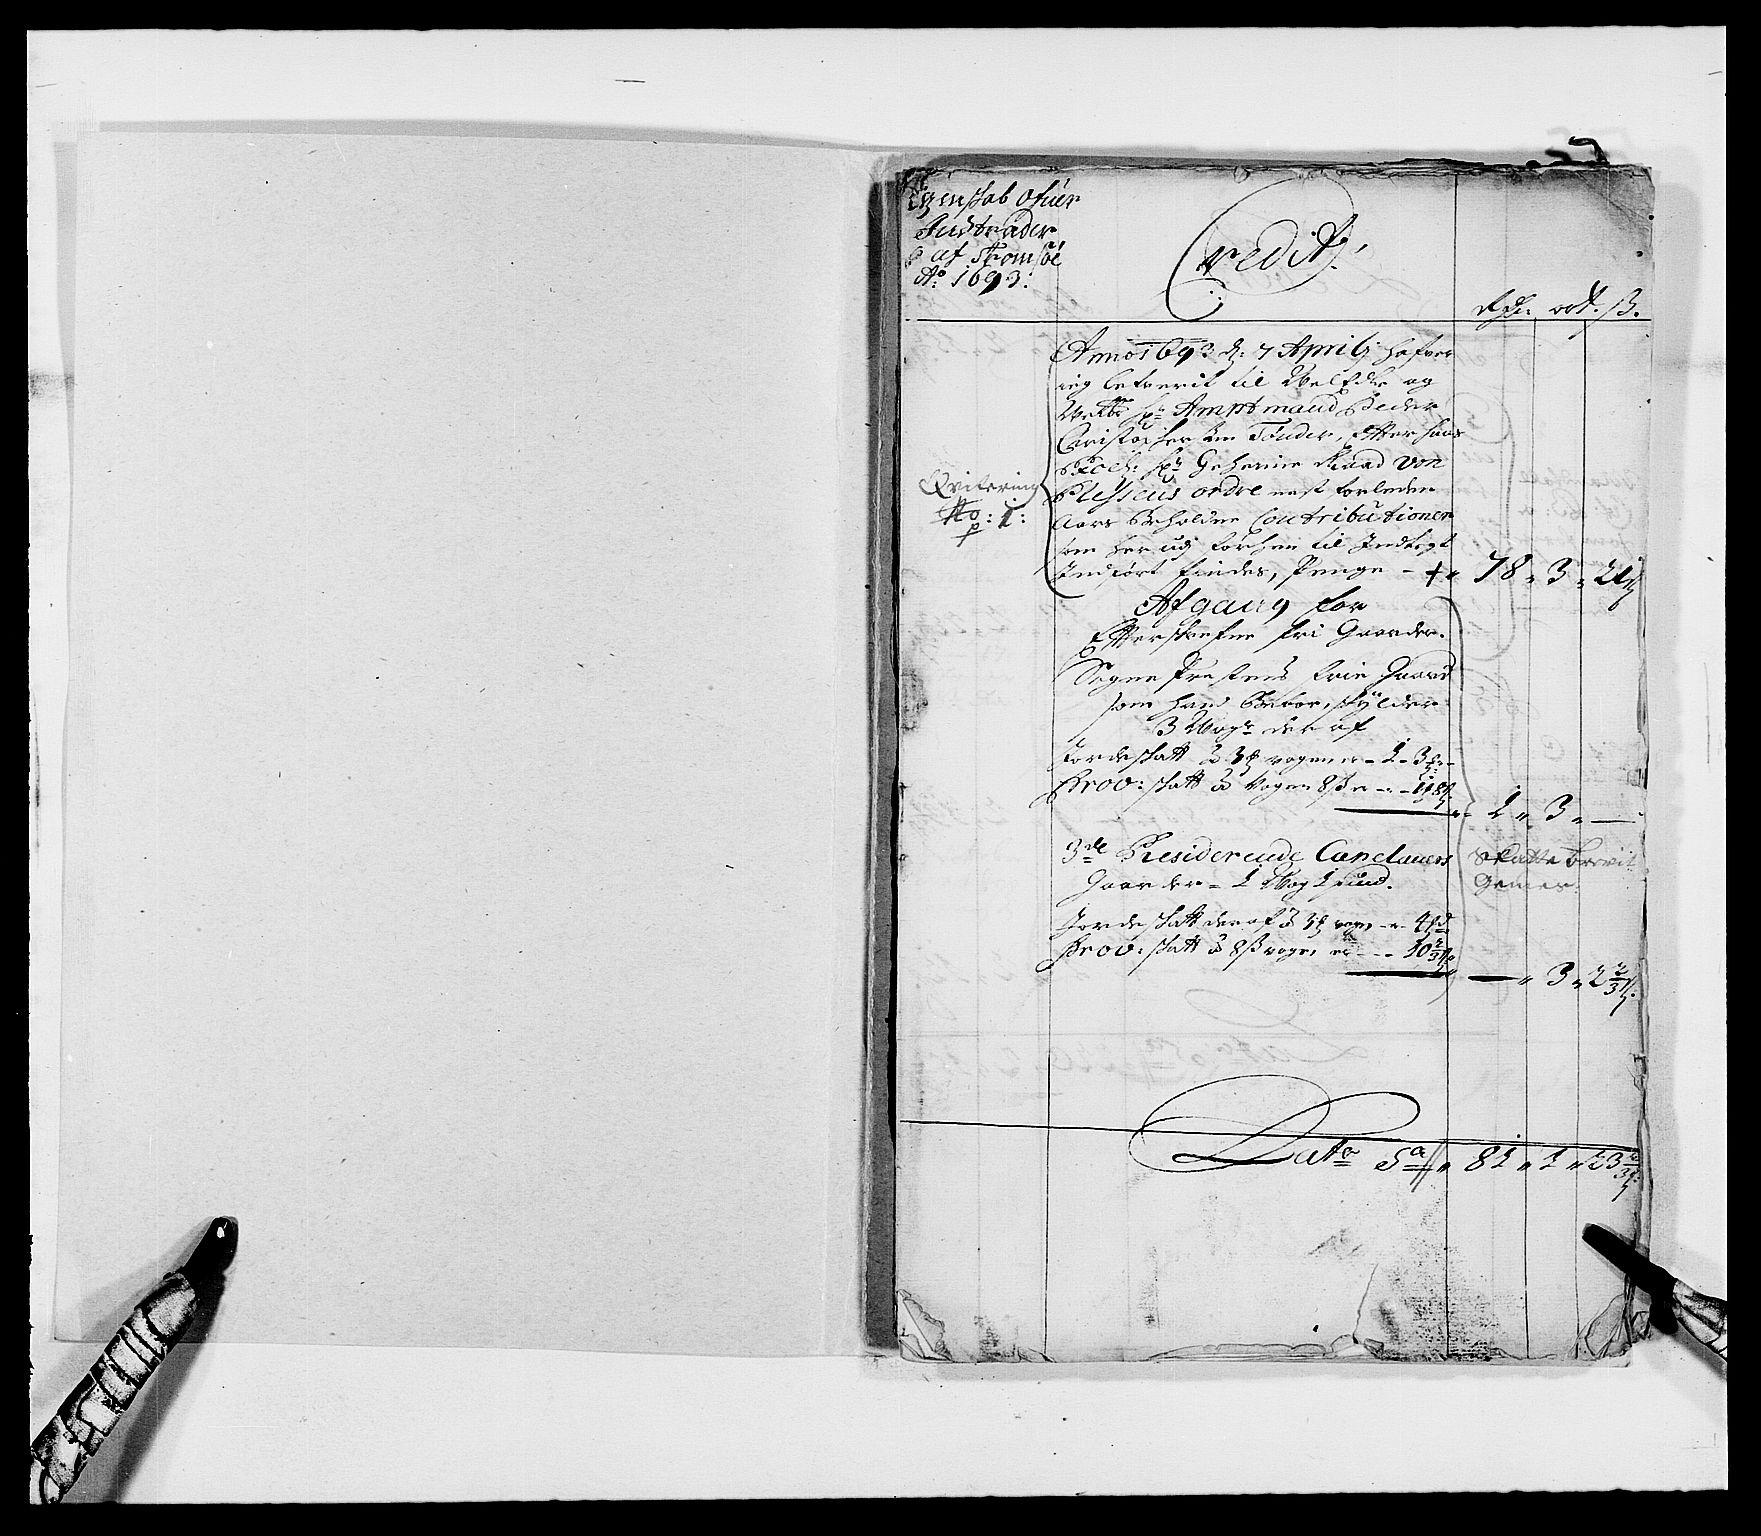 RA, Rentekammeret inntil 1814, Reviderte regnskaper, Fogderegnskap, R68/L4751: Fogderegnskap Senja og Troms, 1690-1693, s. 282